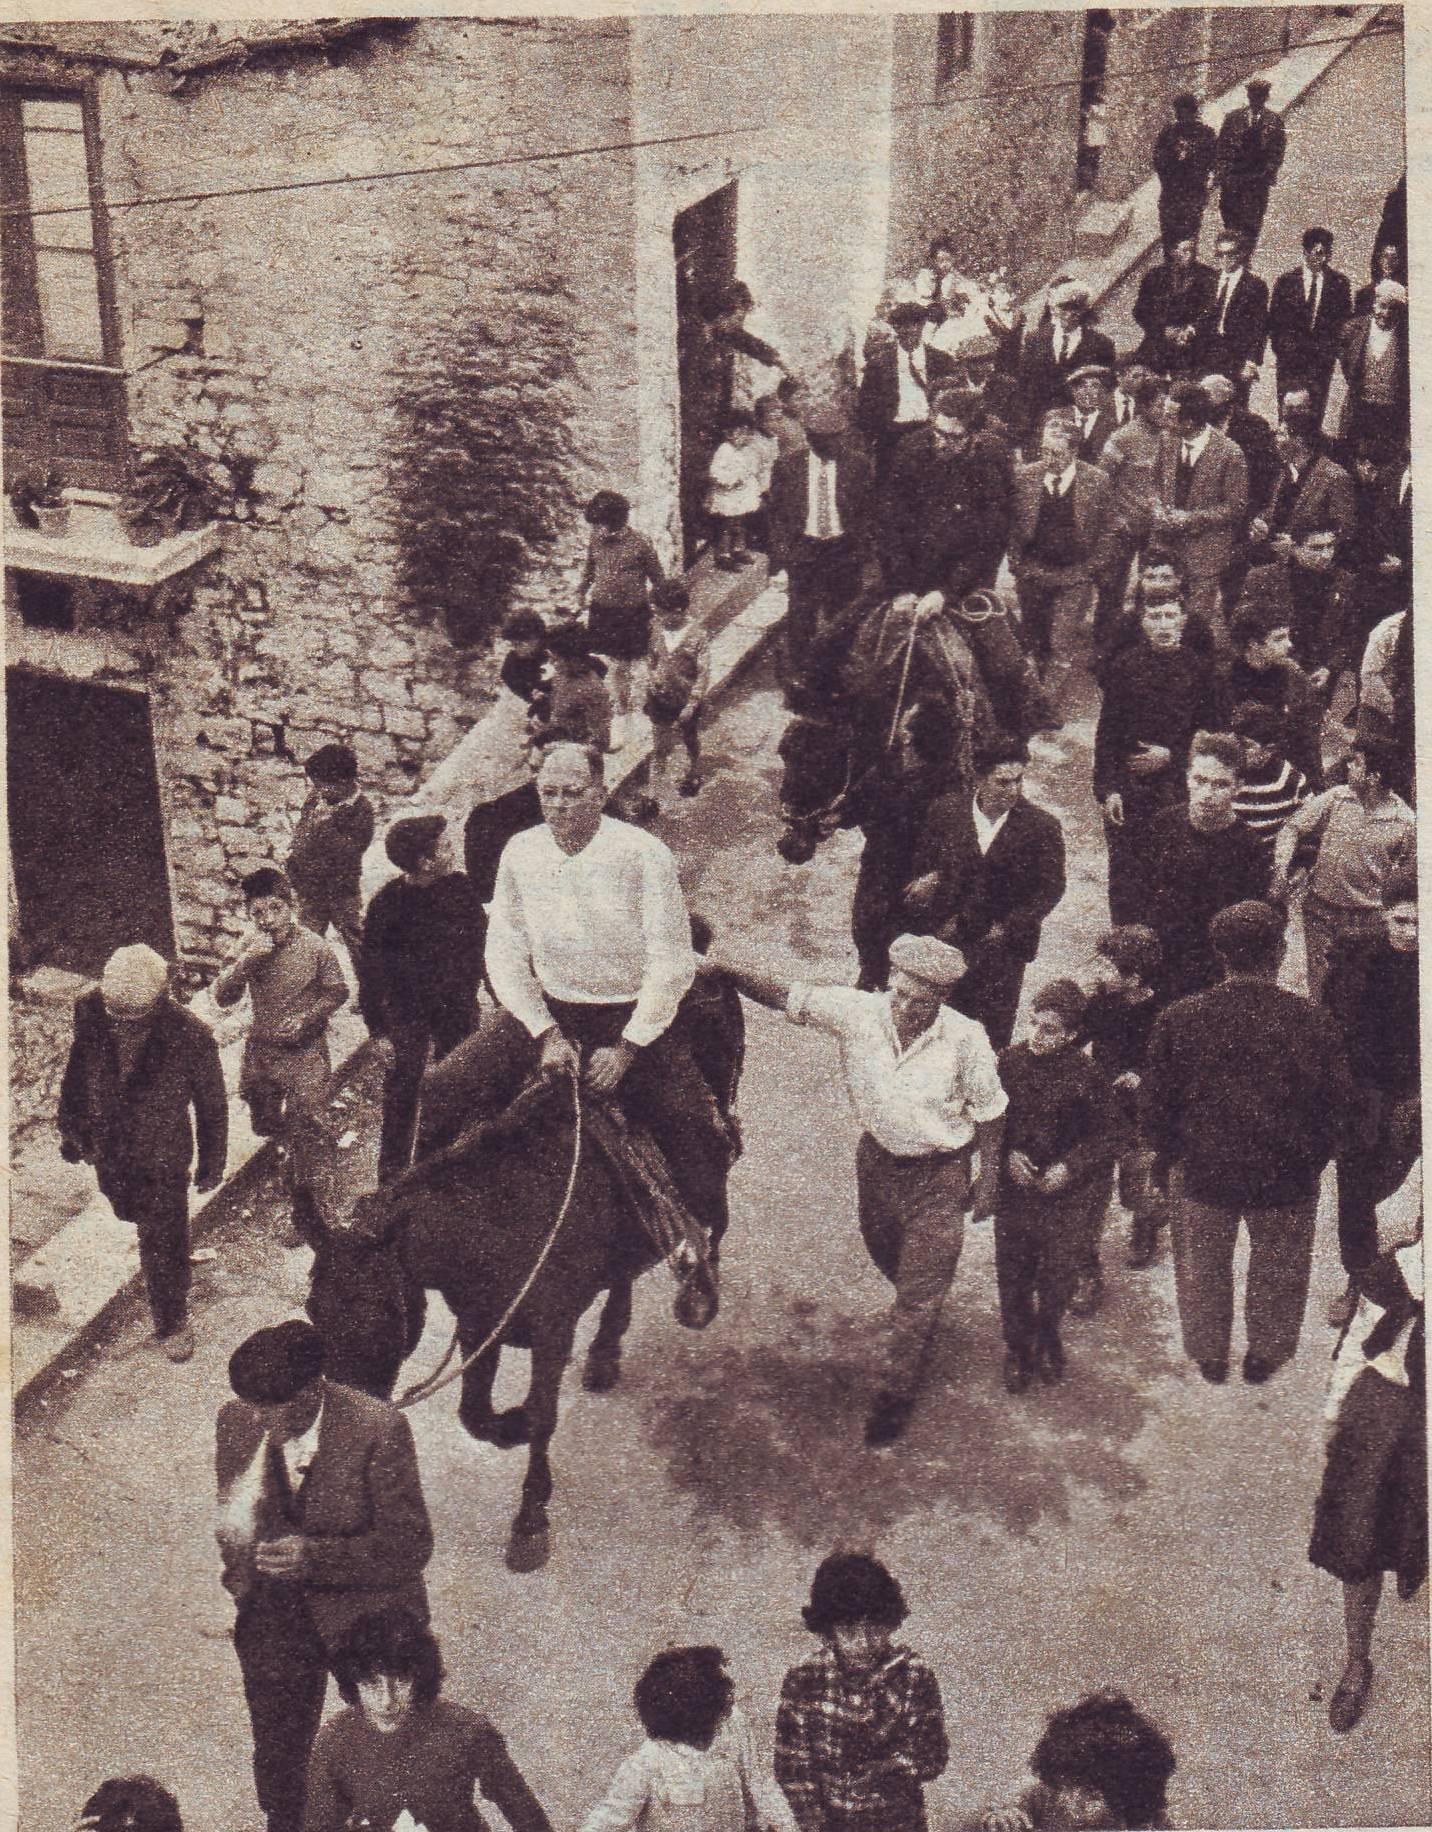 danilo-dolci-sciopero-per-lacqua-garcia-roccamena-1965